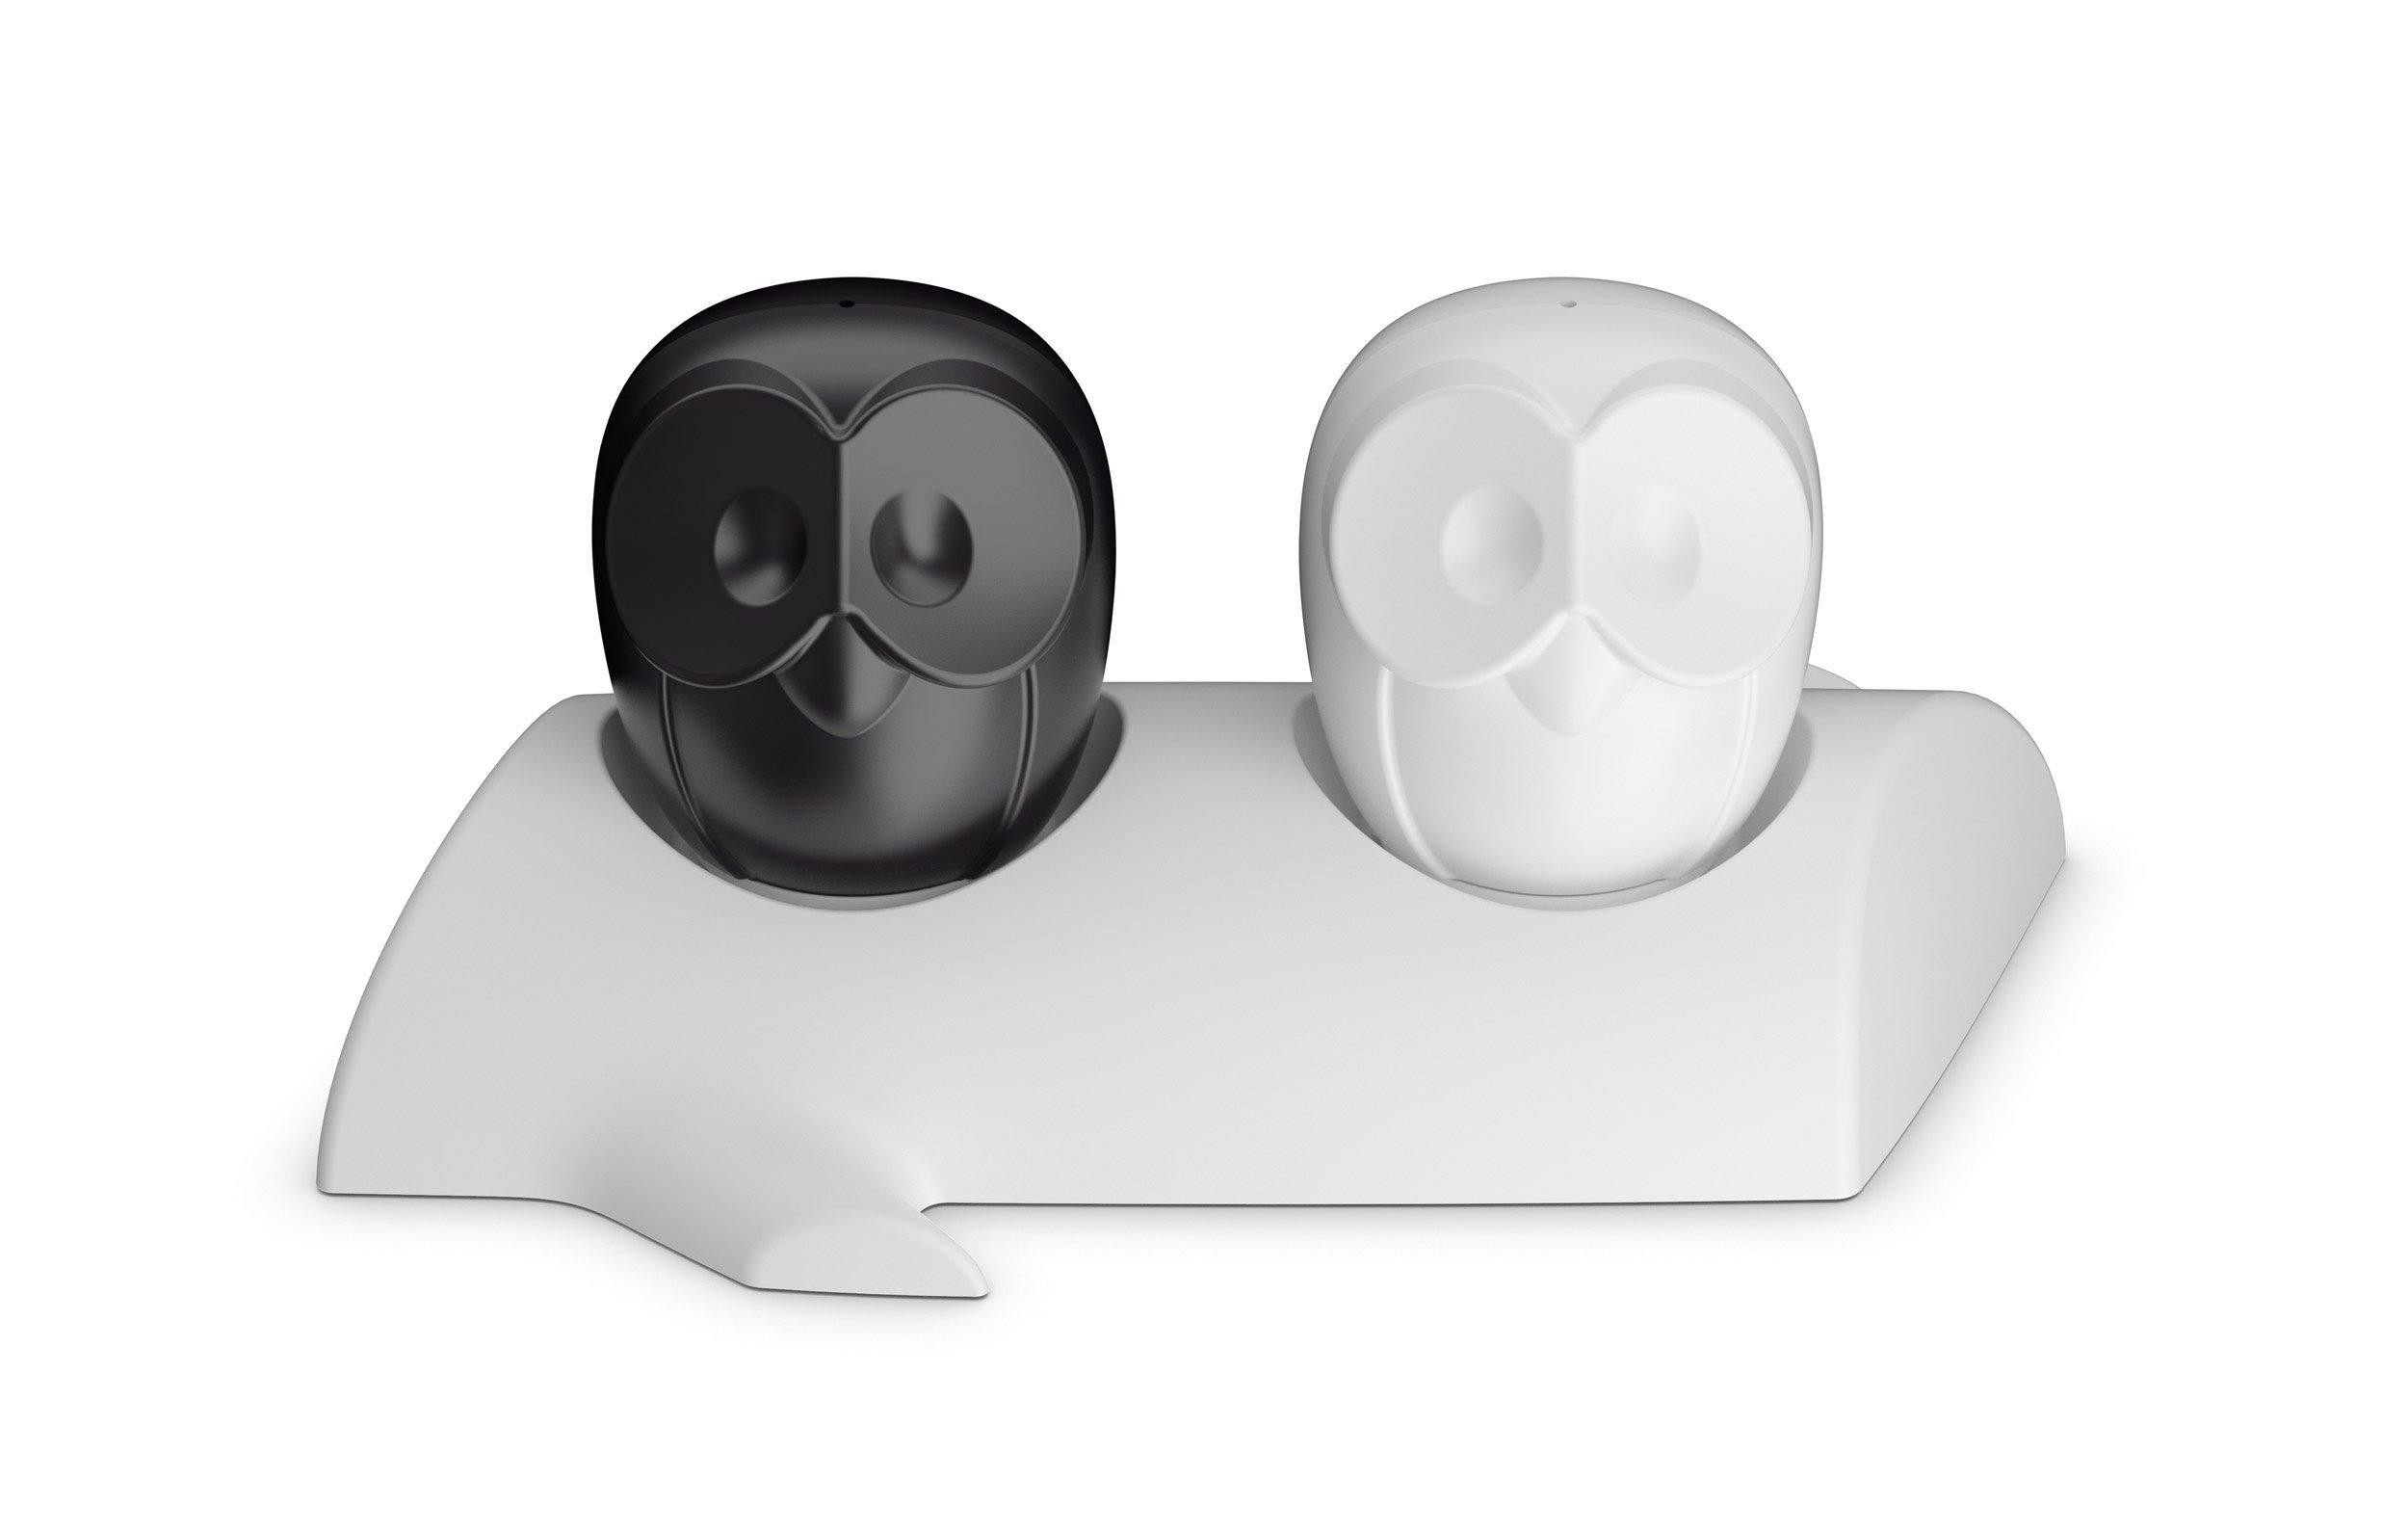 Solniczka i pieprzniczka na stojaku Elli czarna i biała